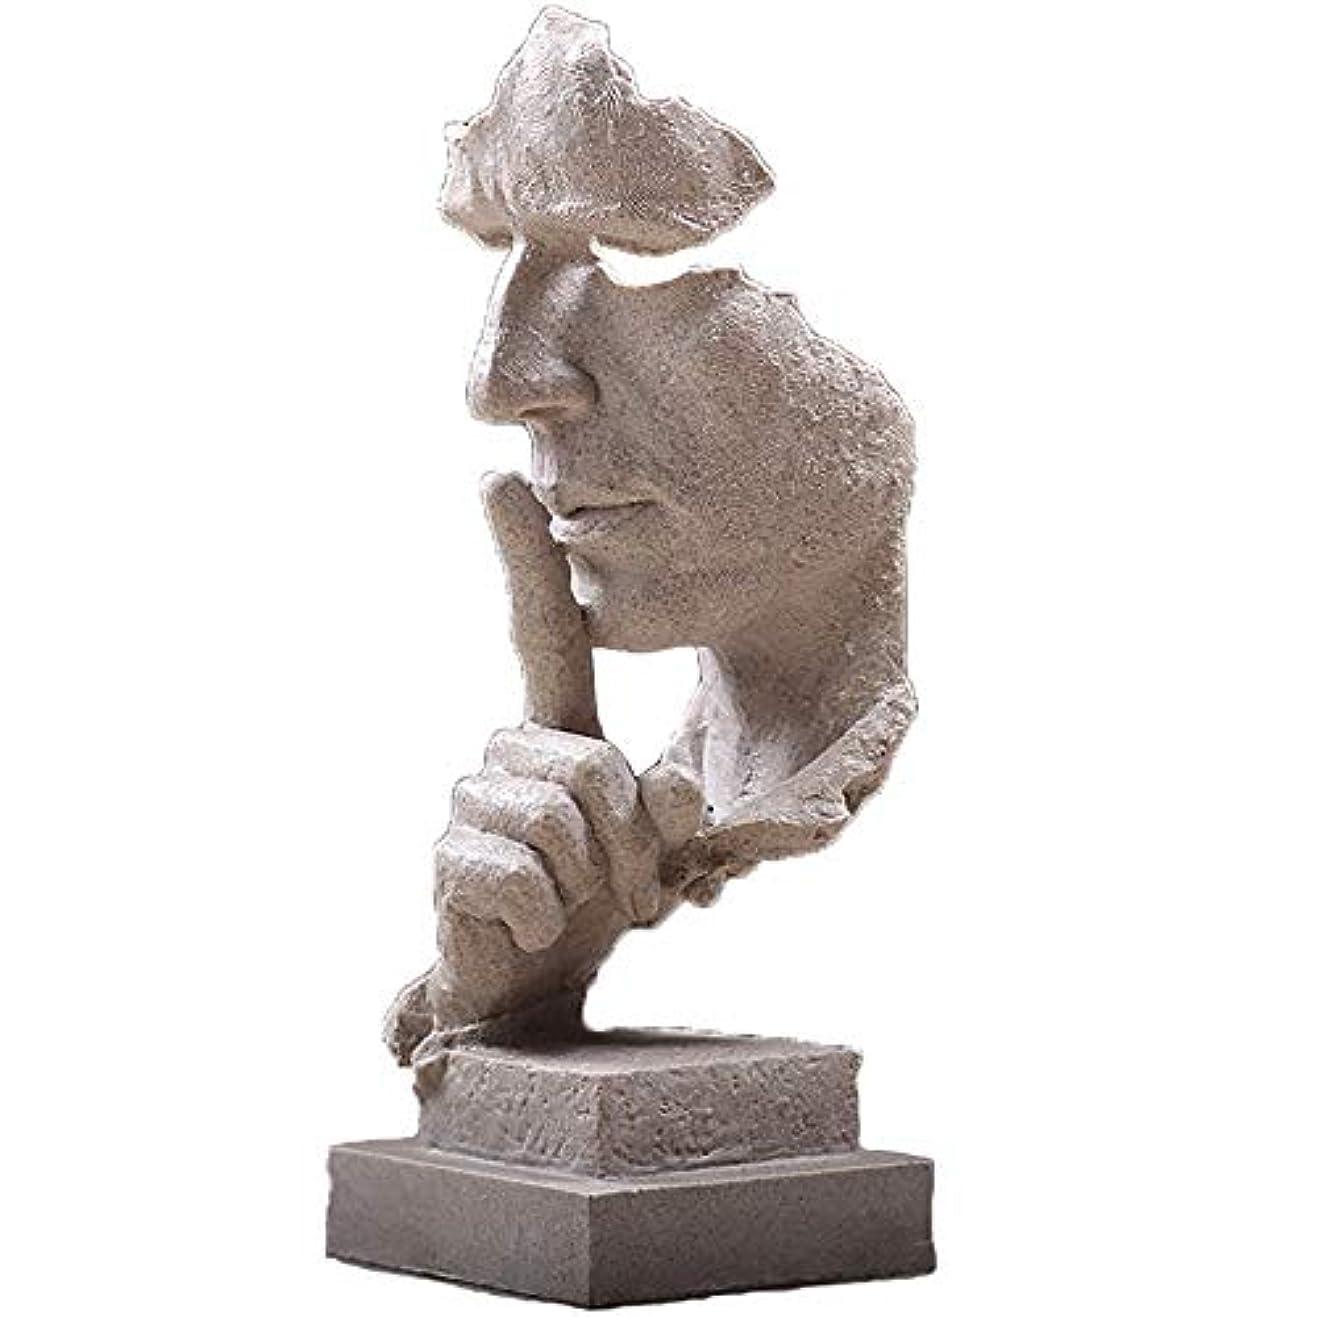 論理腐食するセンター樹脂抽象彫刻沈黙はゴールデン男性像キャラクター工芸品装飾用オフィスリビングルームアートワーク,White